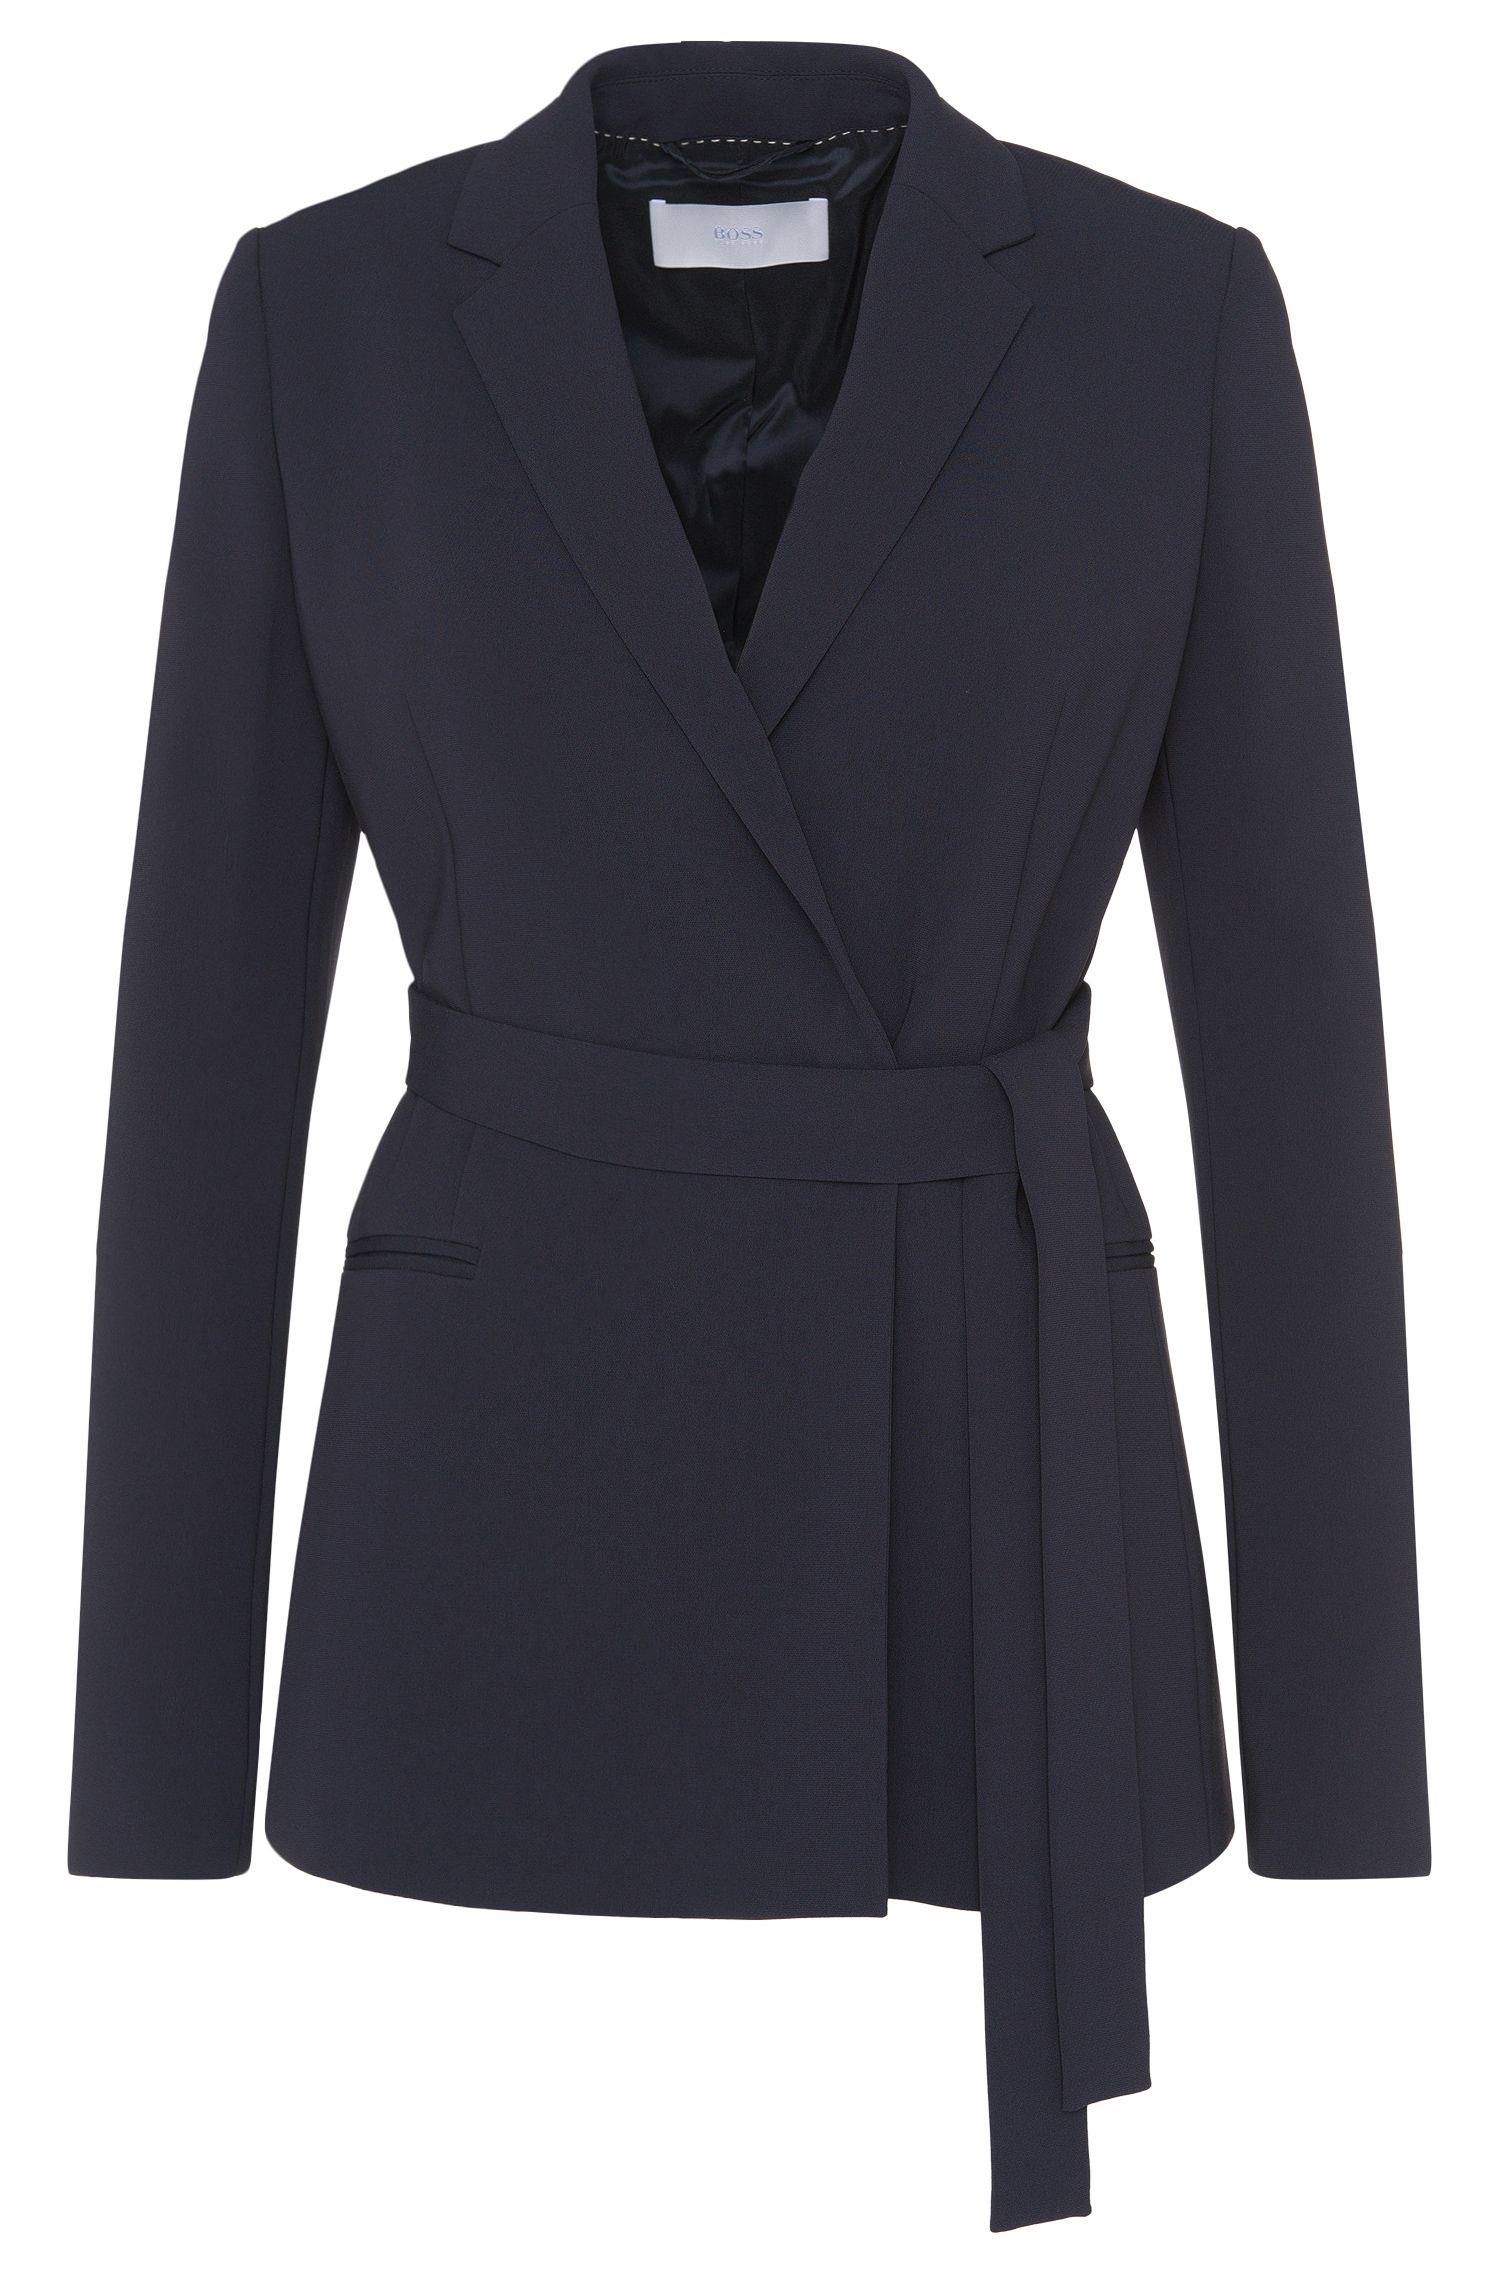 'Jabilta' | Crepe Tie Waist Jacket